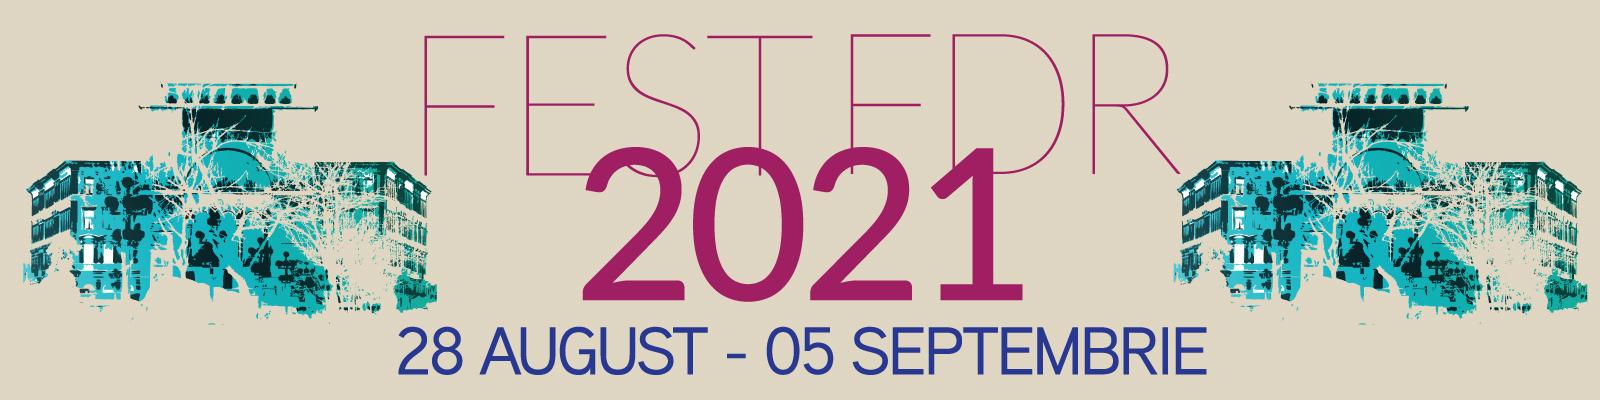 Program Fest-Fdr 2021 - 28 august - 5 septembrie BANNER